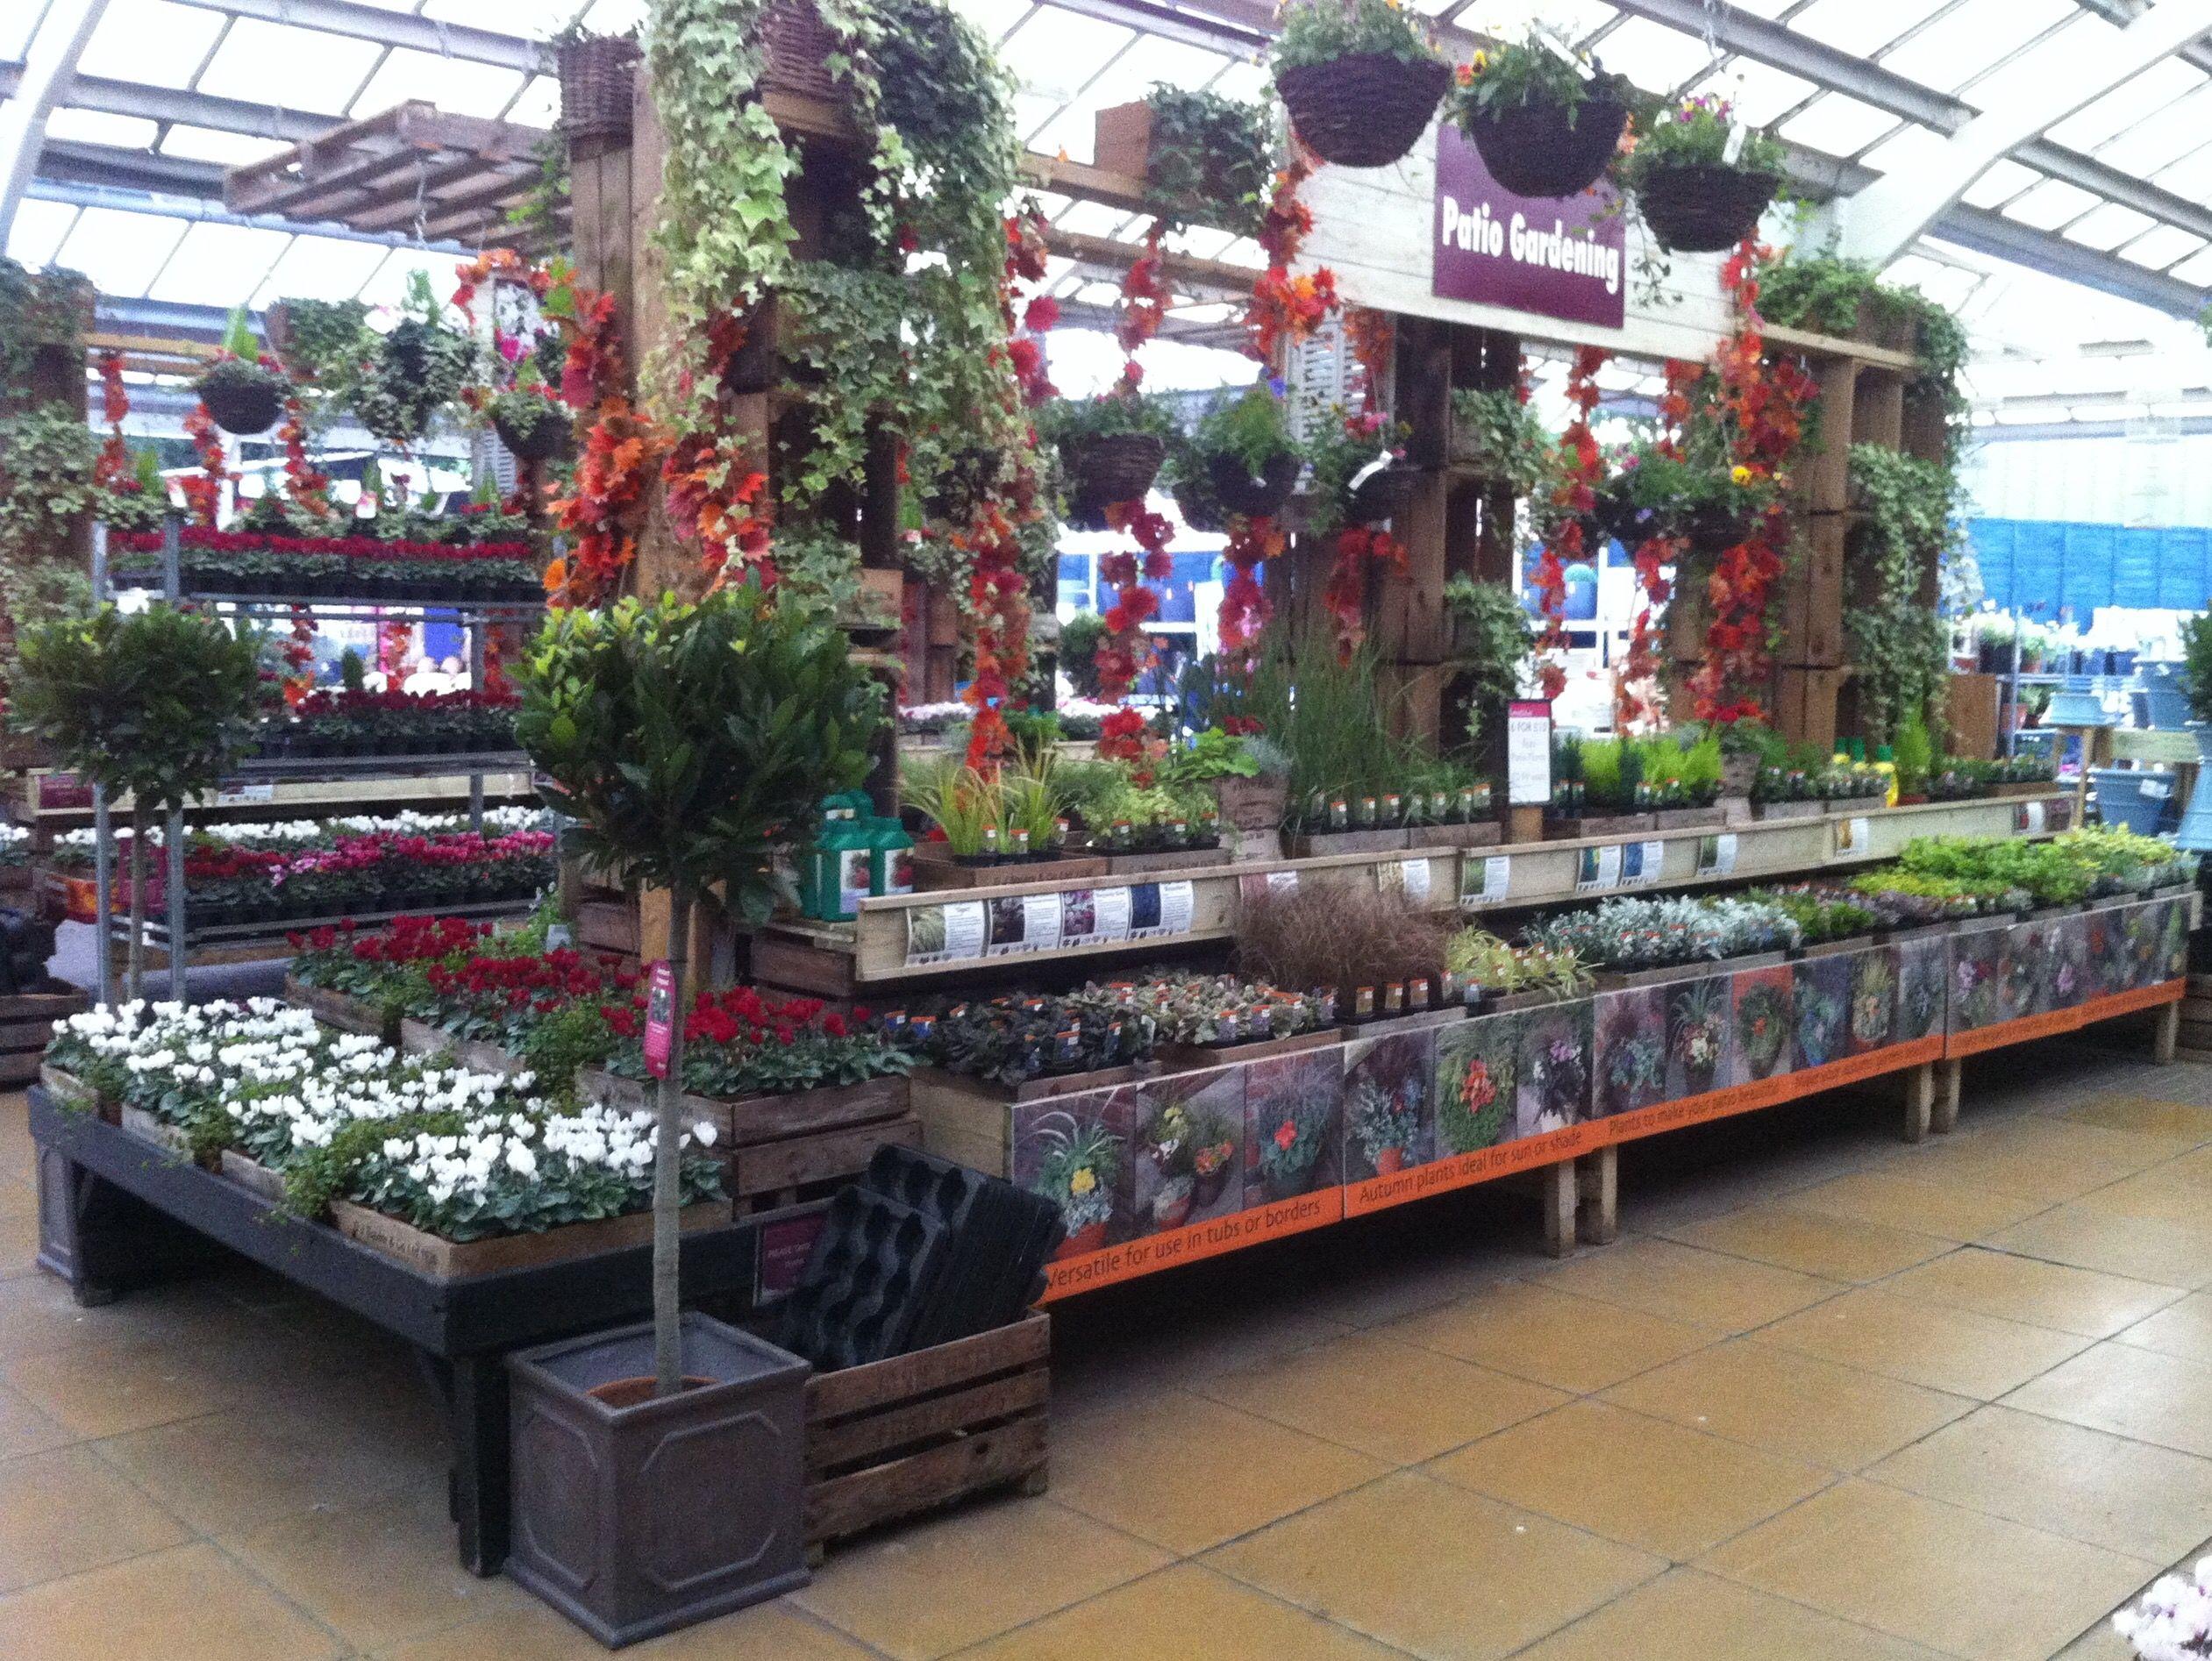 Bedding Plants Squires Garden Centre Twickenham Garden Center Displays Plant Display Ideas Bedding Plants